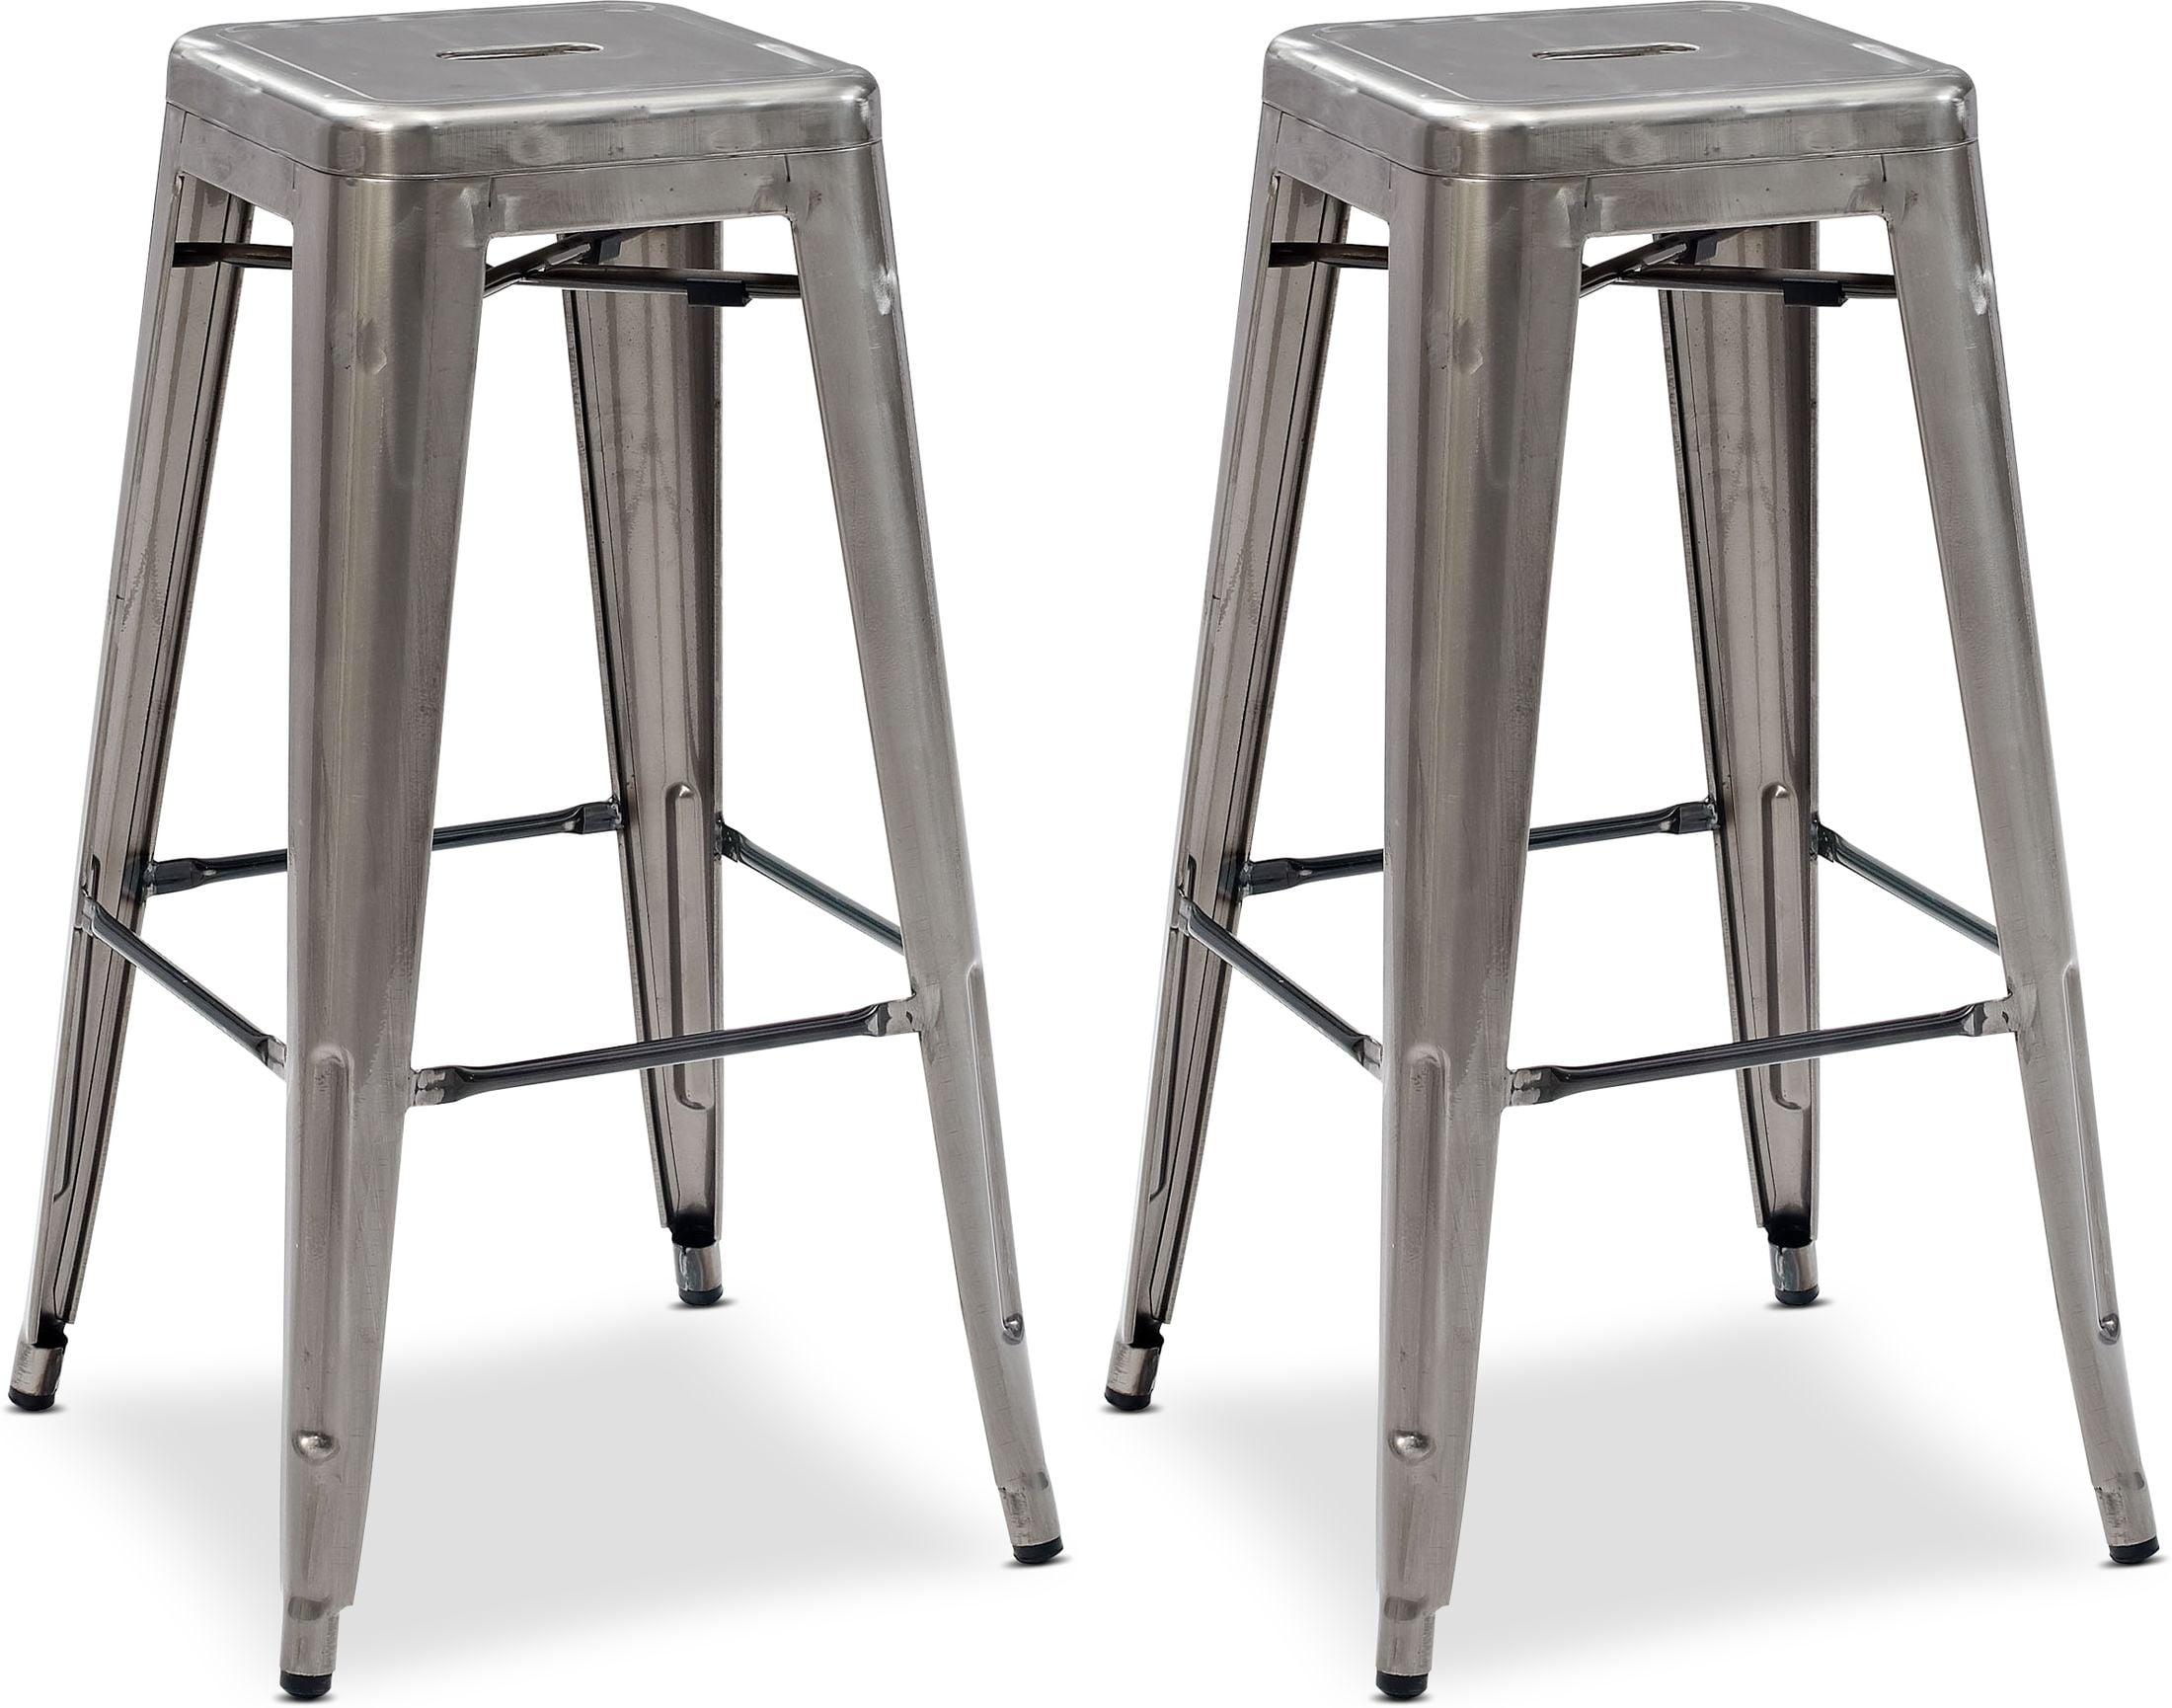 Dining Room Furniture - Oliver Set of 2 Bar Stools